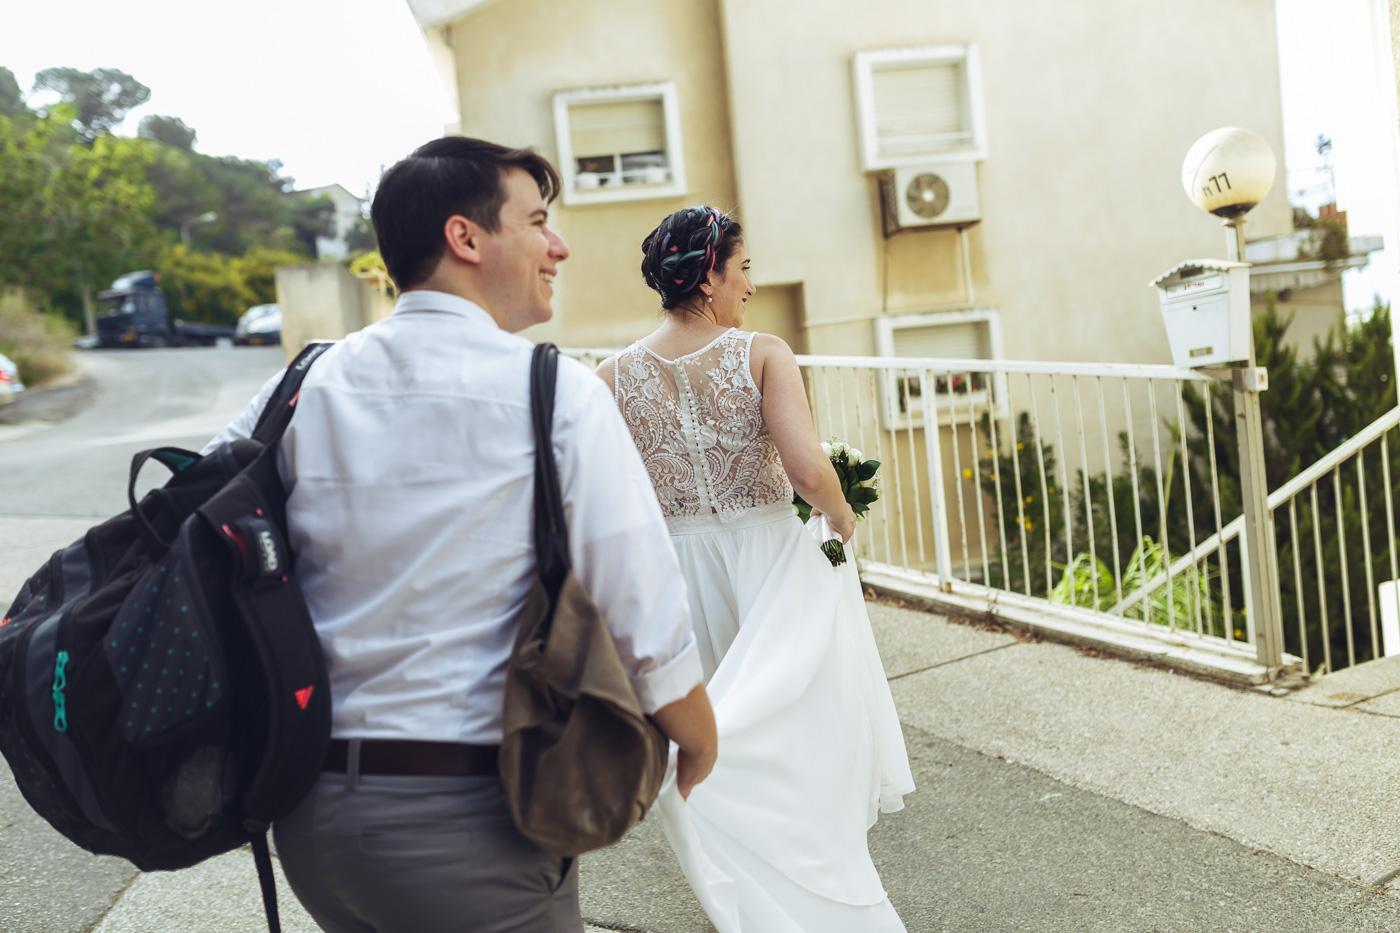 Leore & Yiftach wedding_0167.jpg